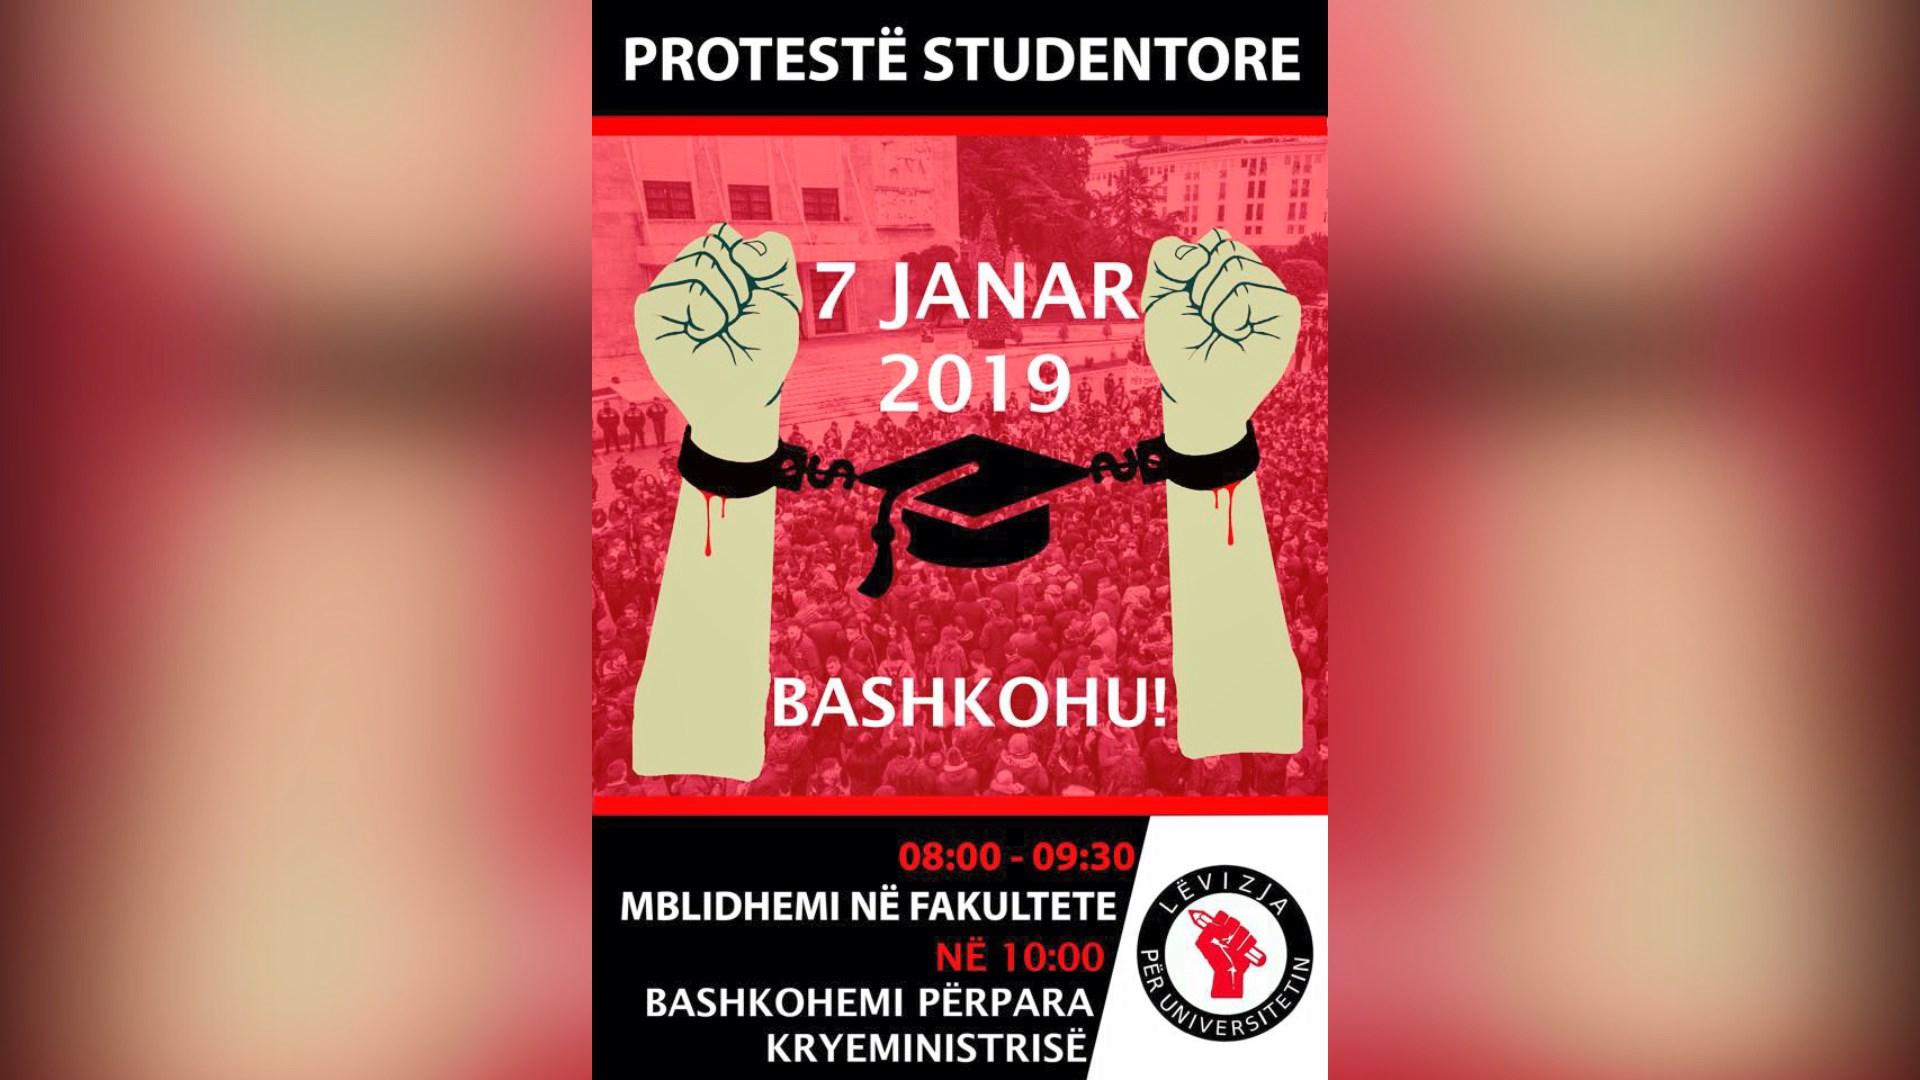 Në 7 janar rinisin protestat e studentëve